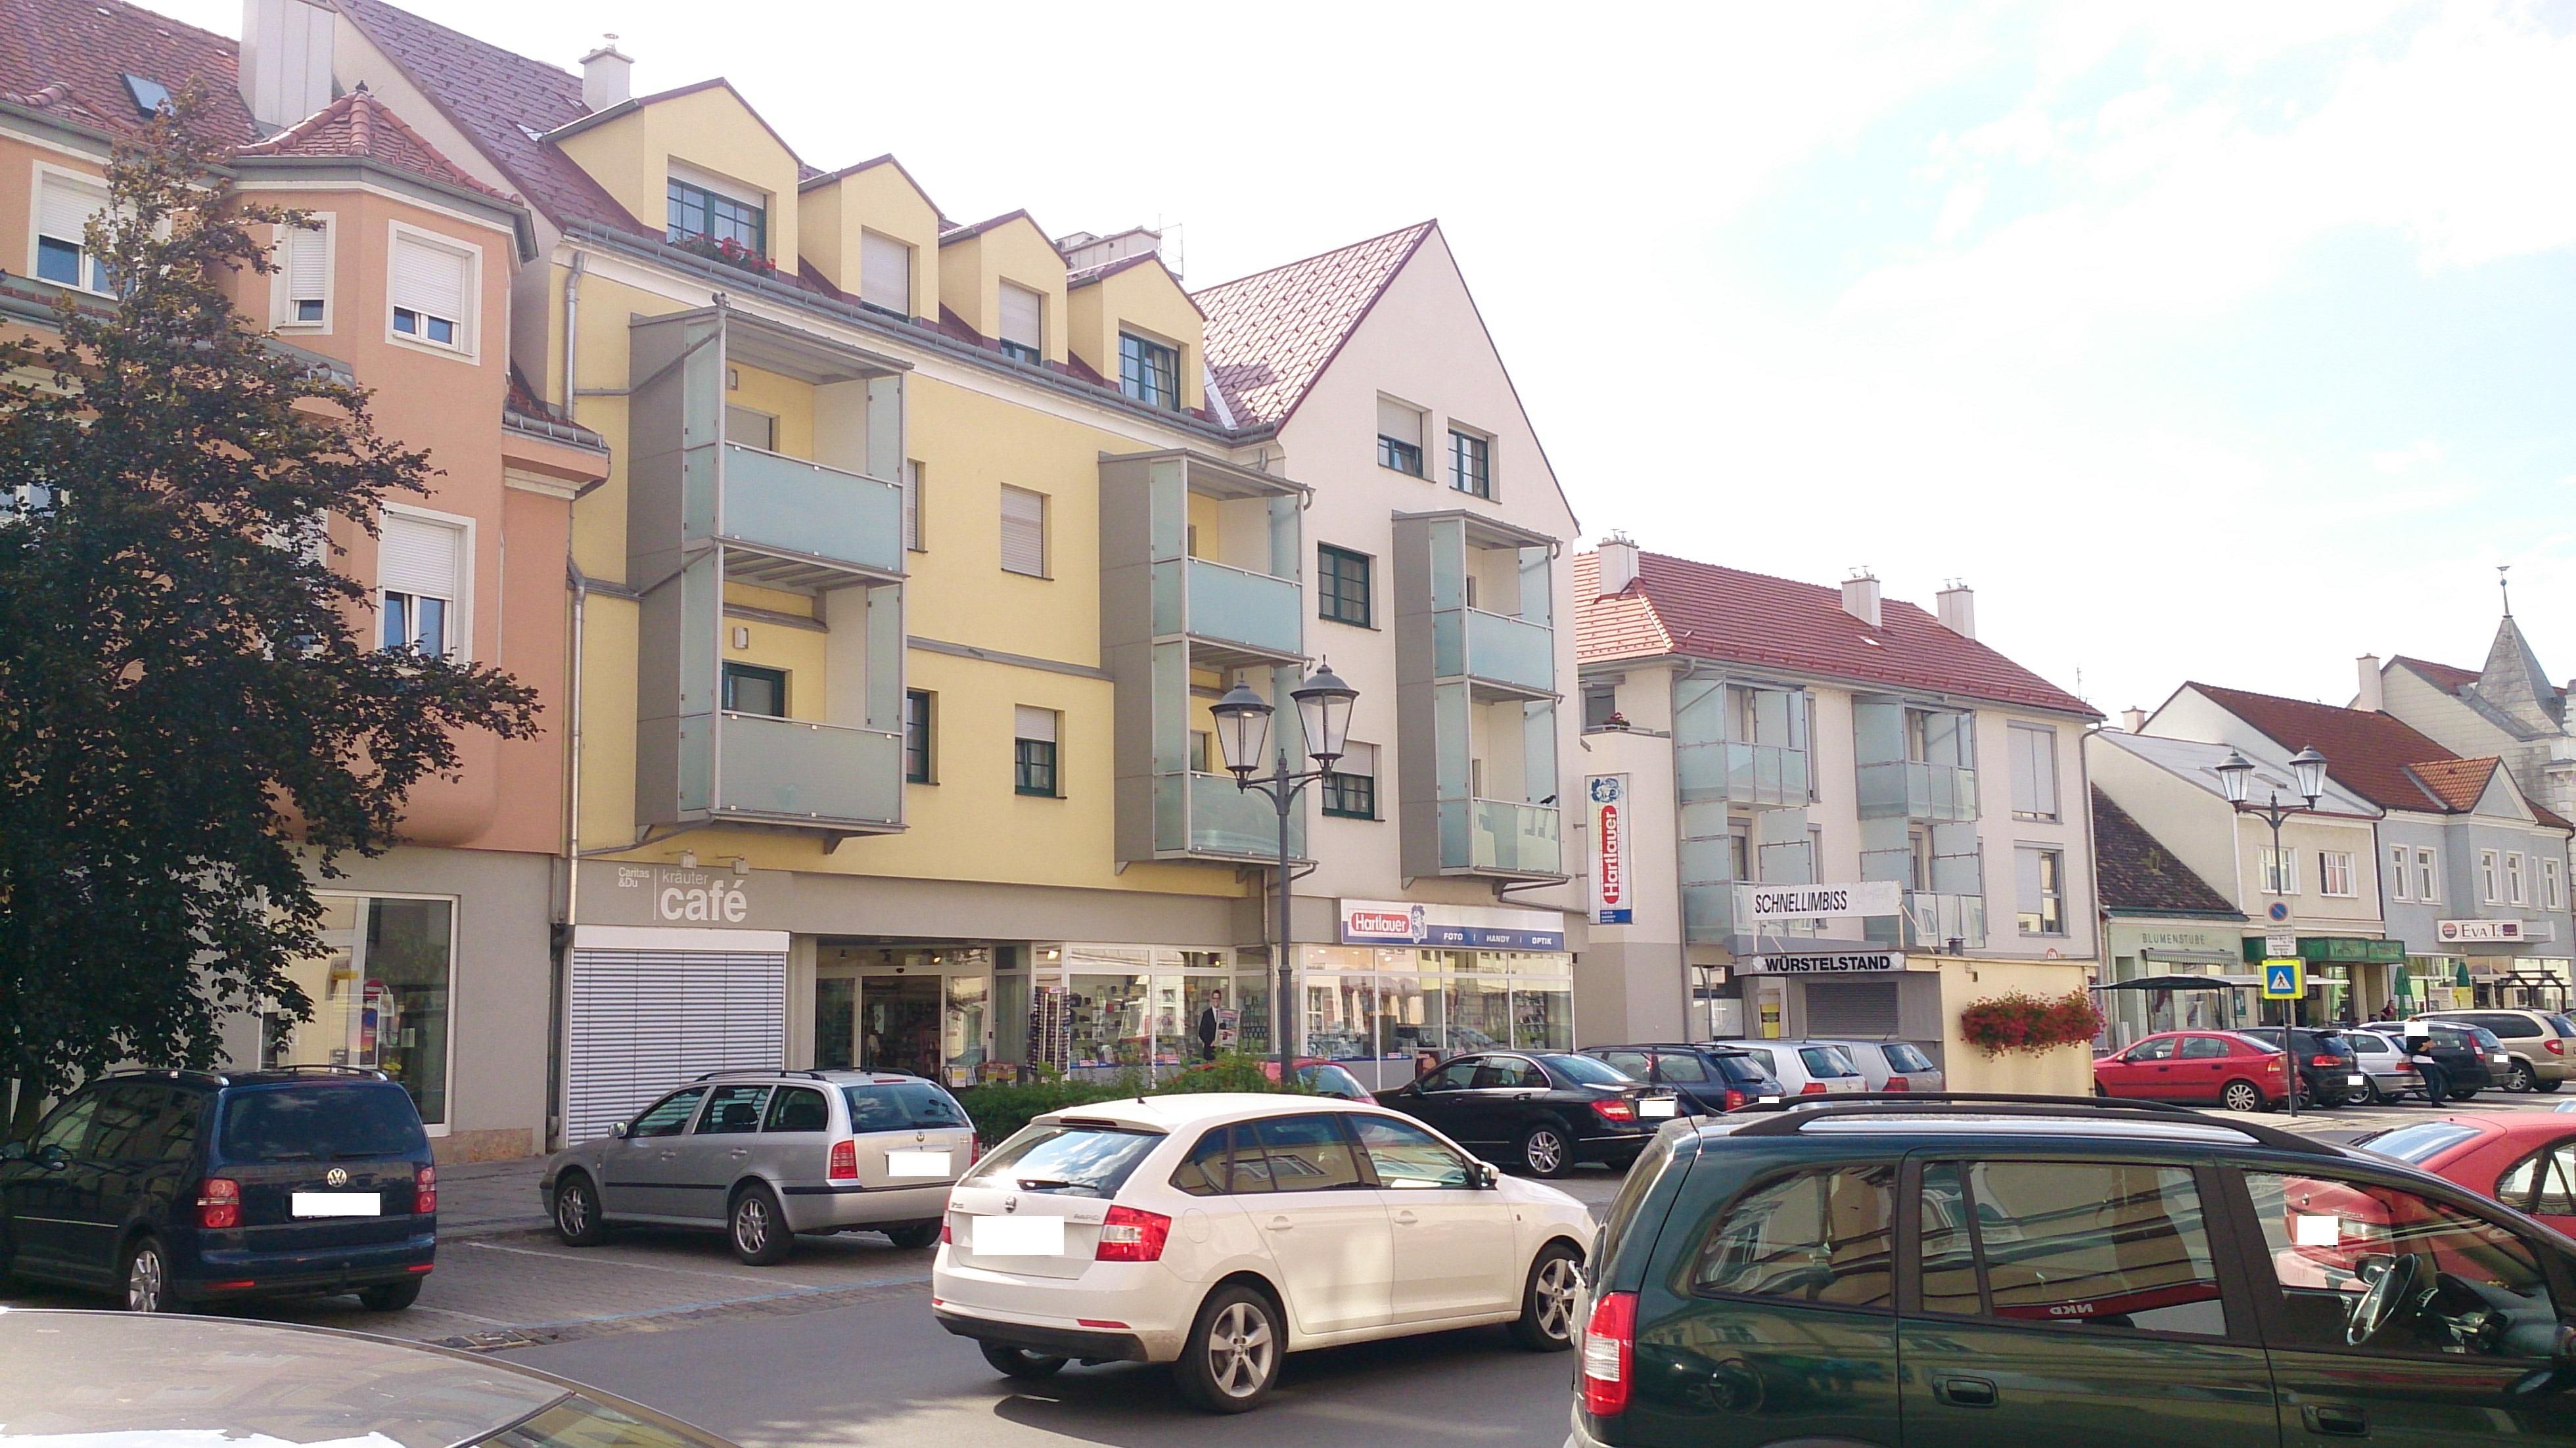 Immobilie von Kamptal in 2136 Laa an der Thaya, Mistelbach, Laa/ Thaya VII - Top 20 - Stadtplatz Nr. 61 #8